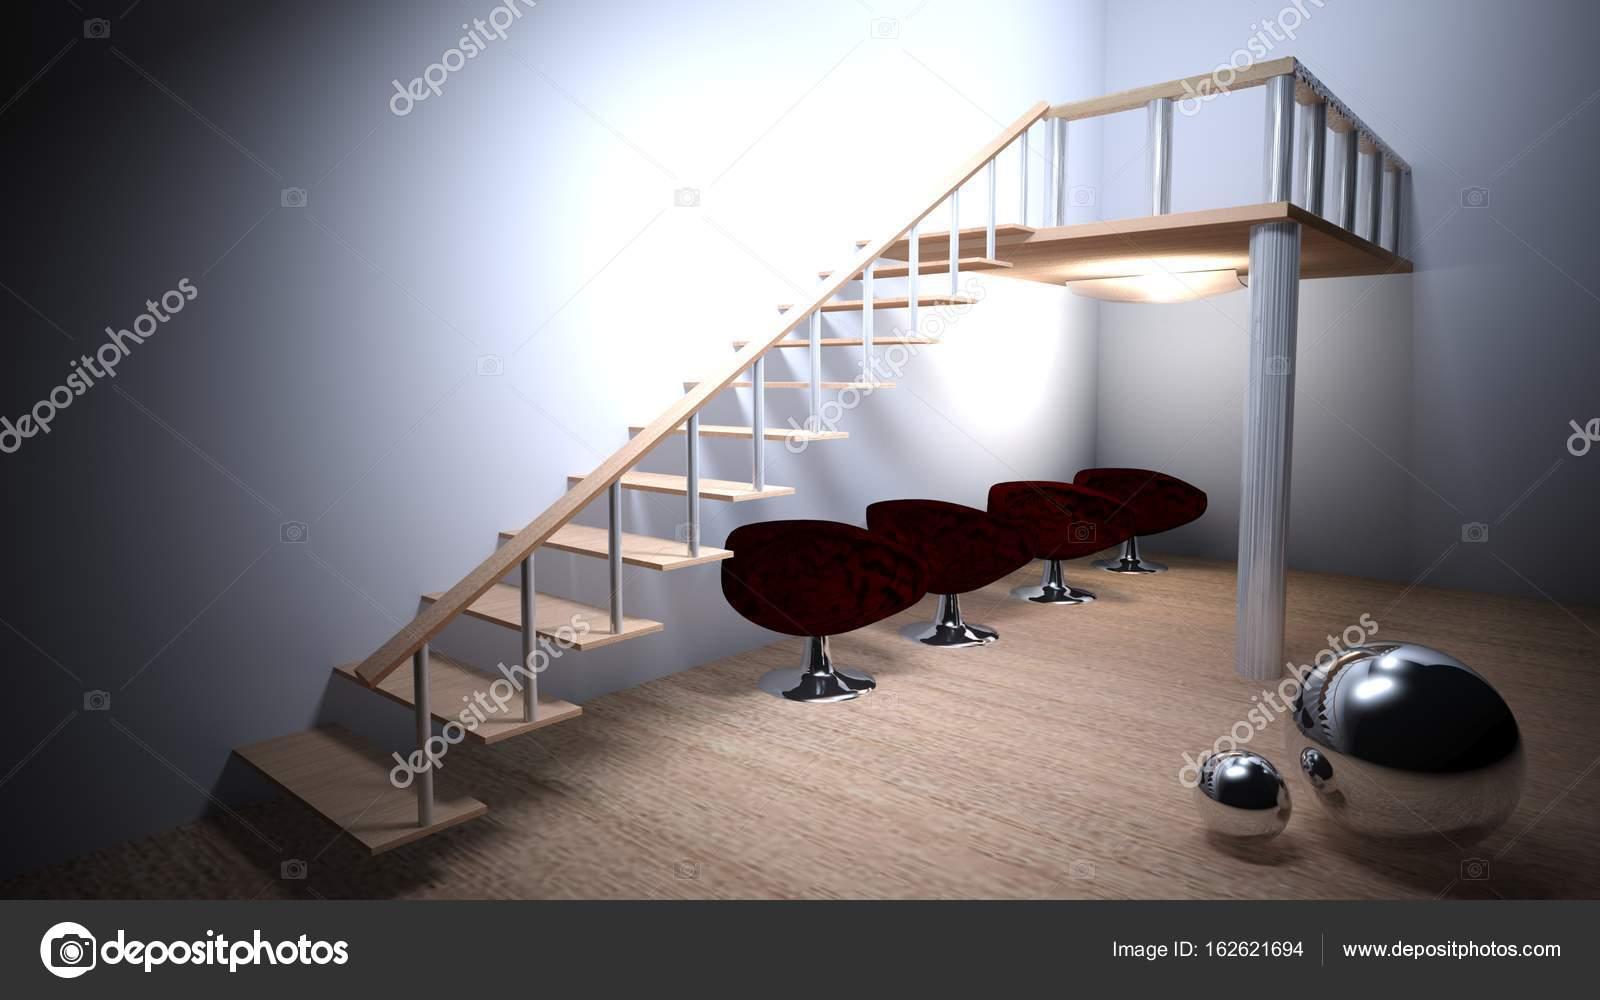 Eine Moderne Aussehende Zimmer Verfügt über Eine Hölzerne Treppe Geht Auf Kleinem  Raum; Unter Davon Gibt Es Vier Moderne Sessel Und Zwei Chrom Metallische ...